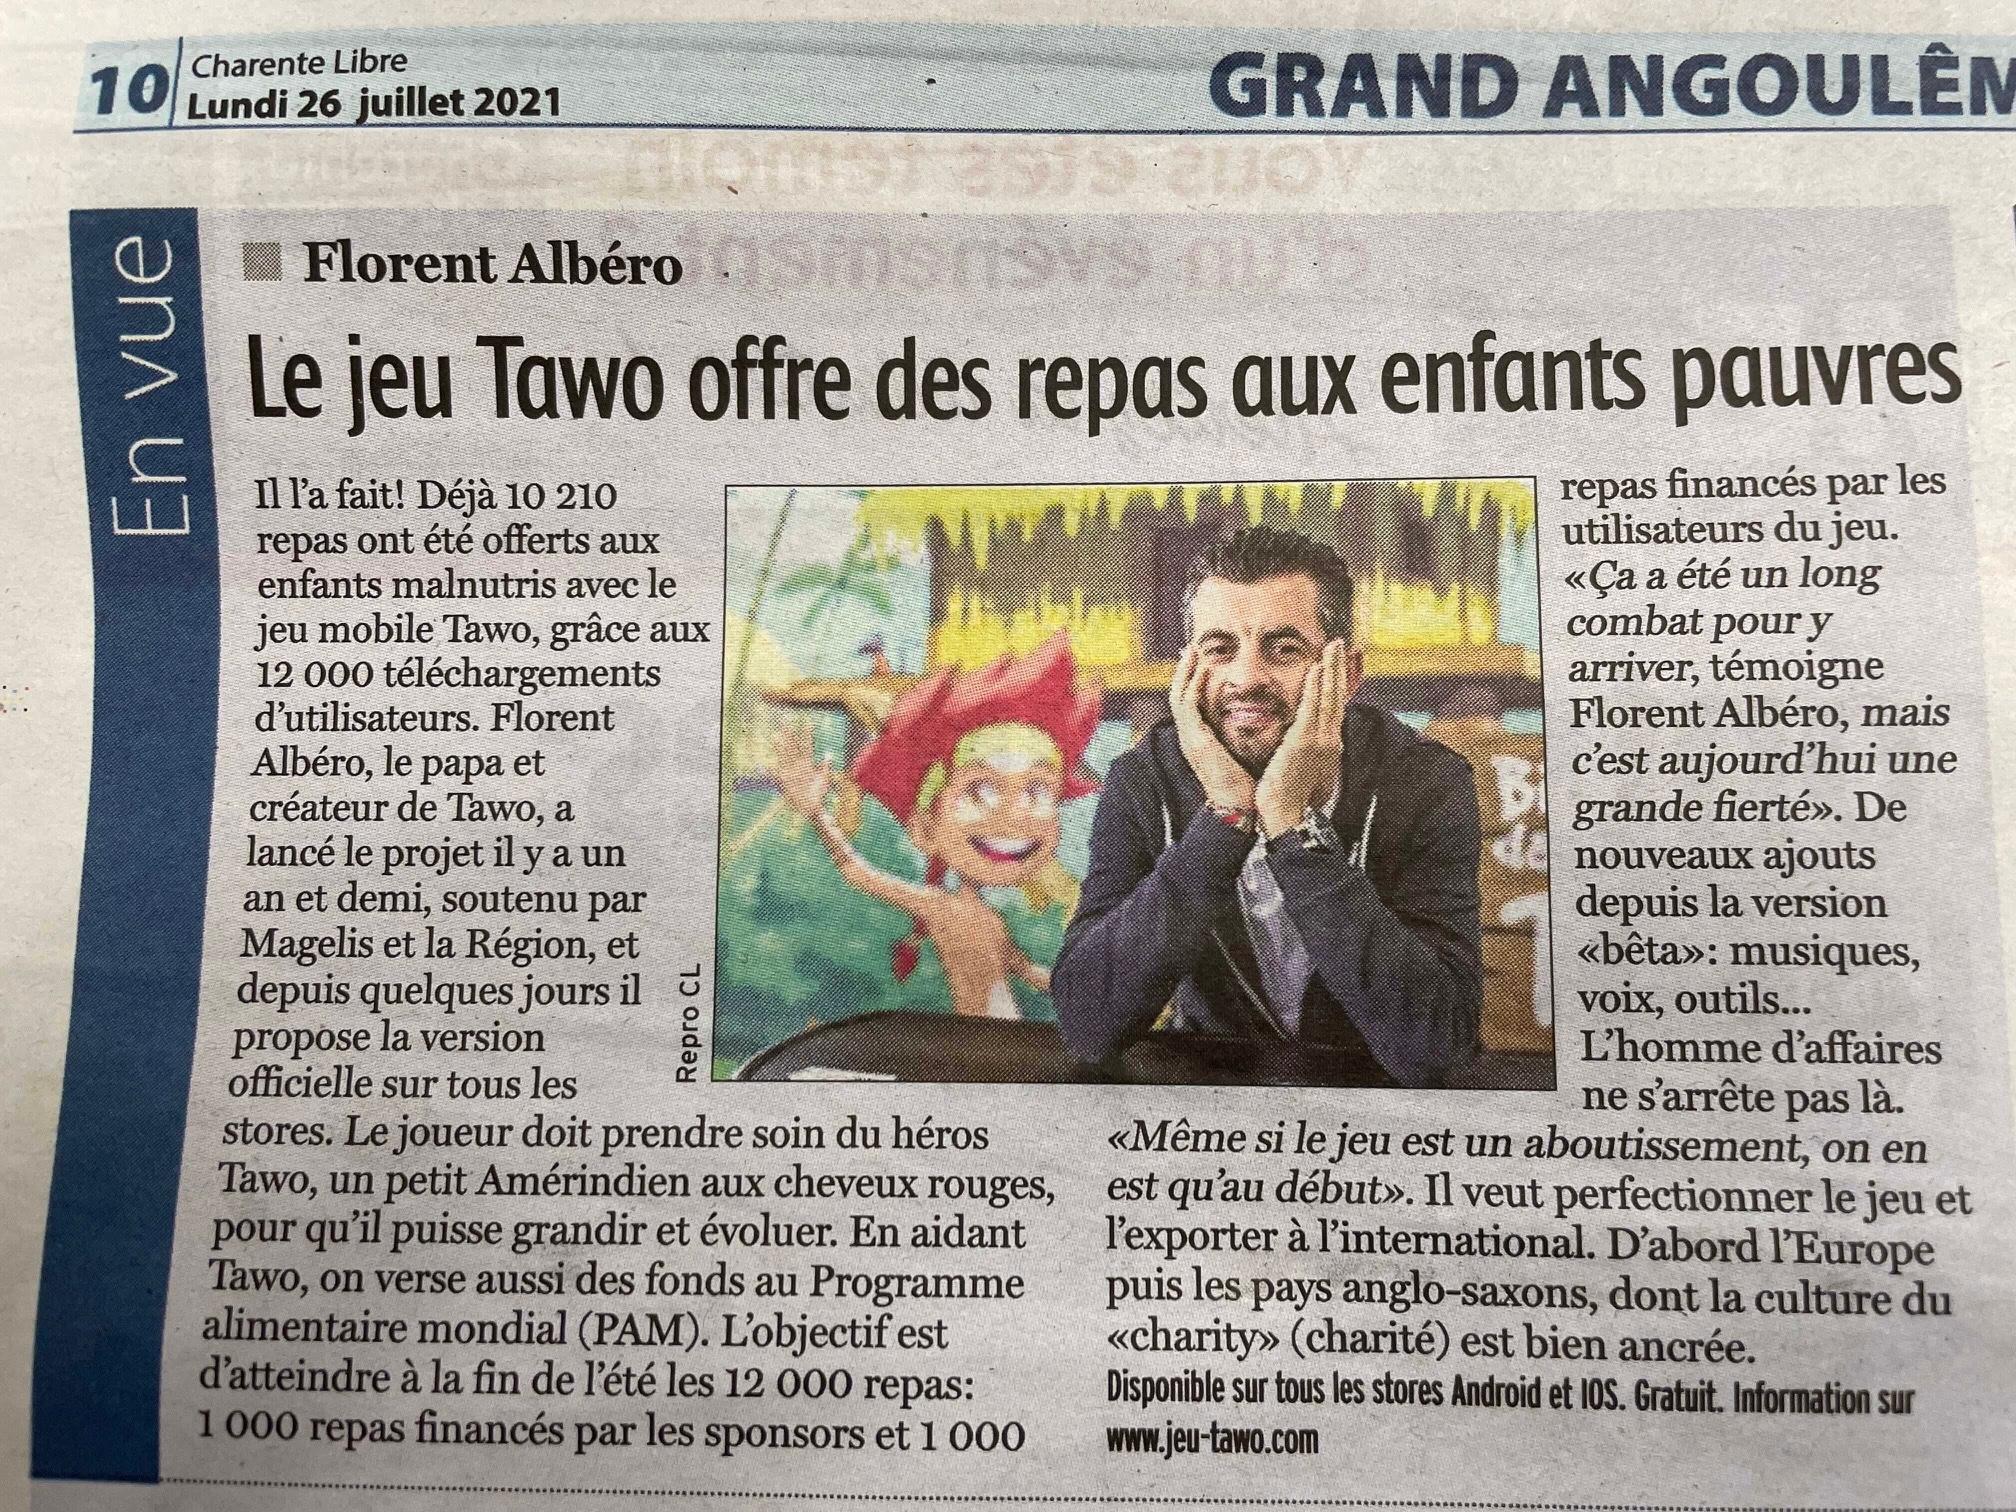 Article dans le journal Charente Libre